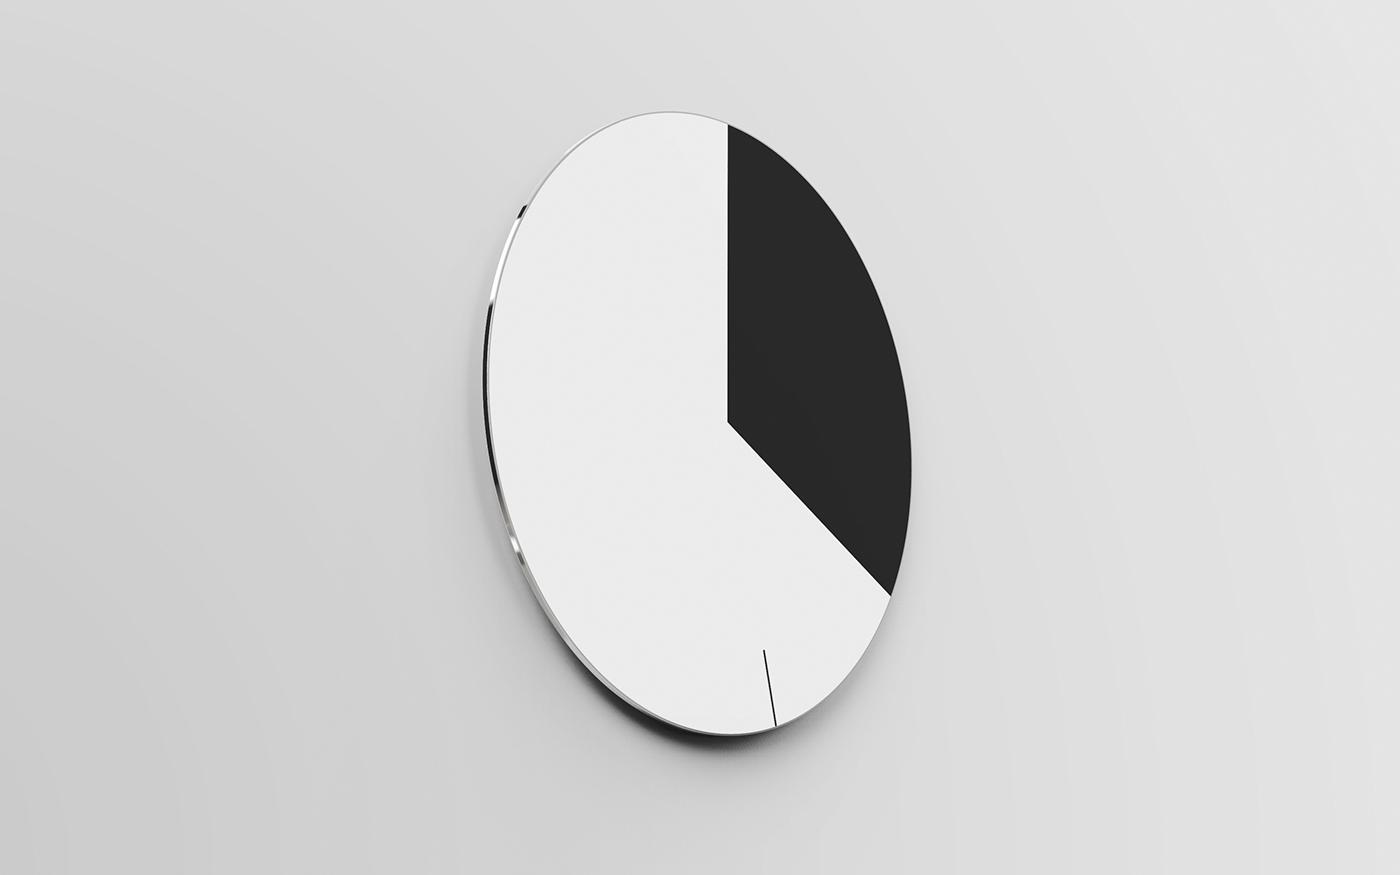 现代极简风格黑白时钟设计